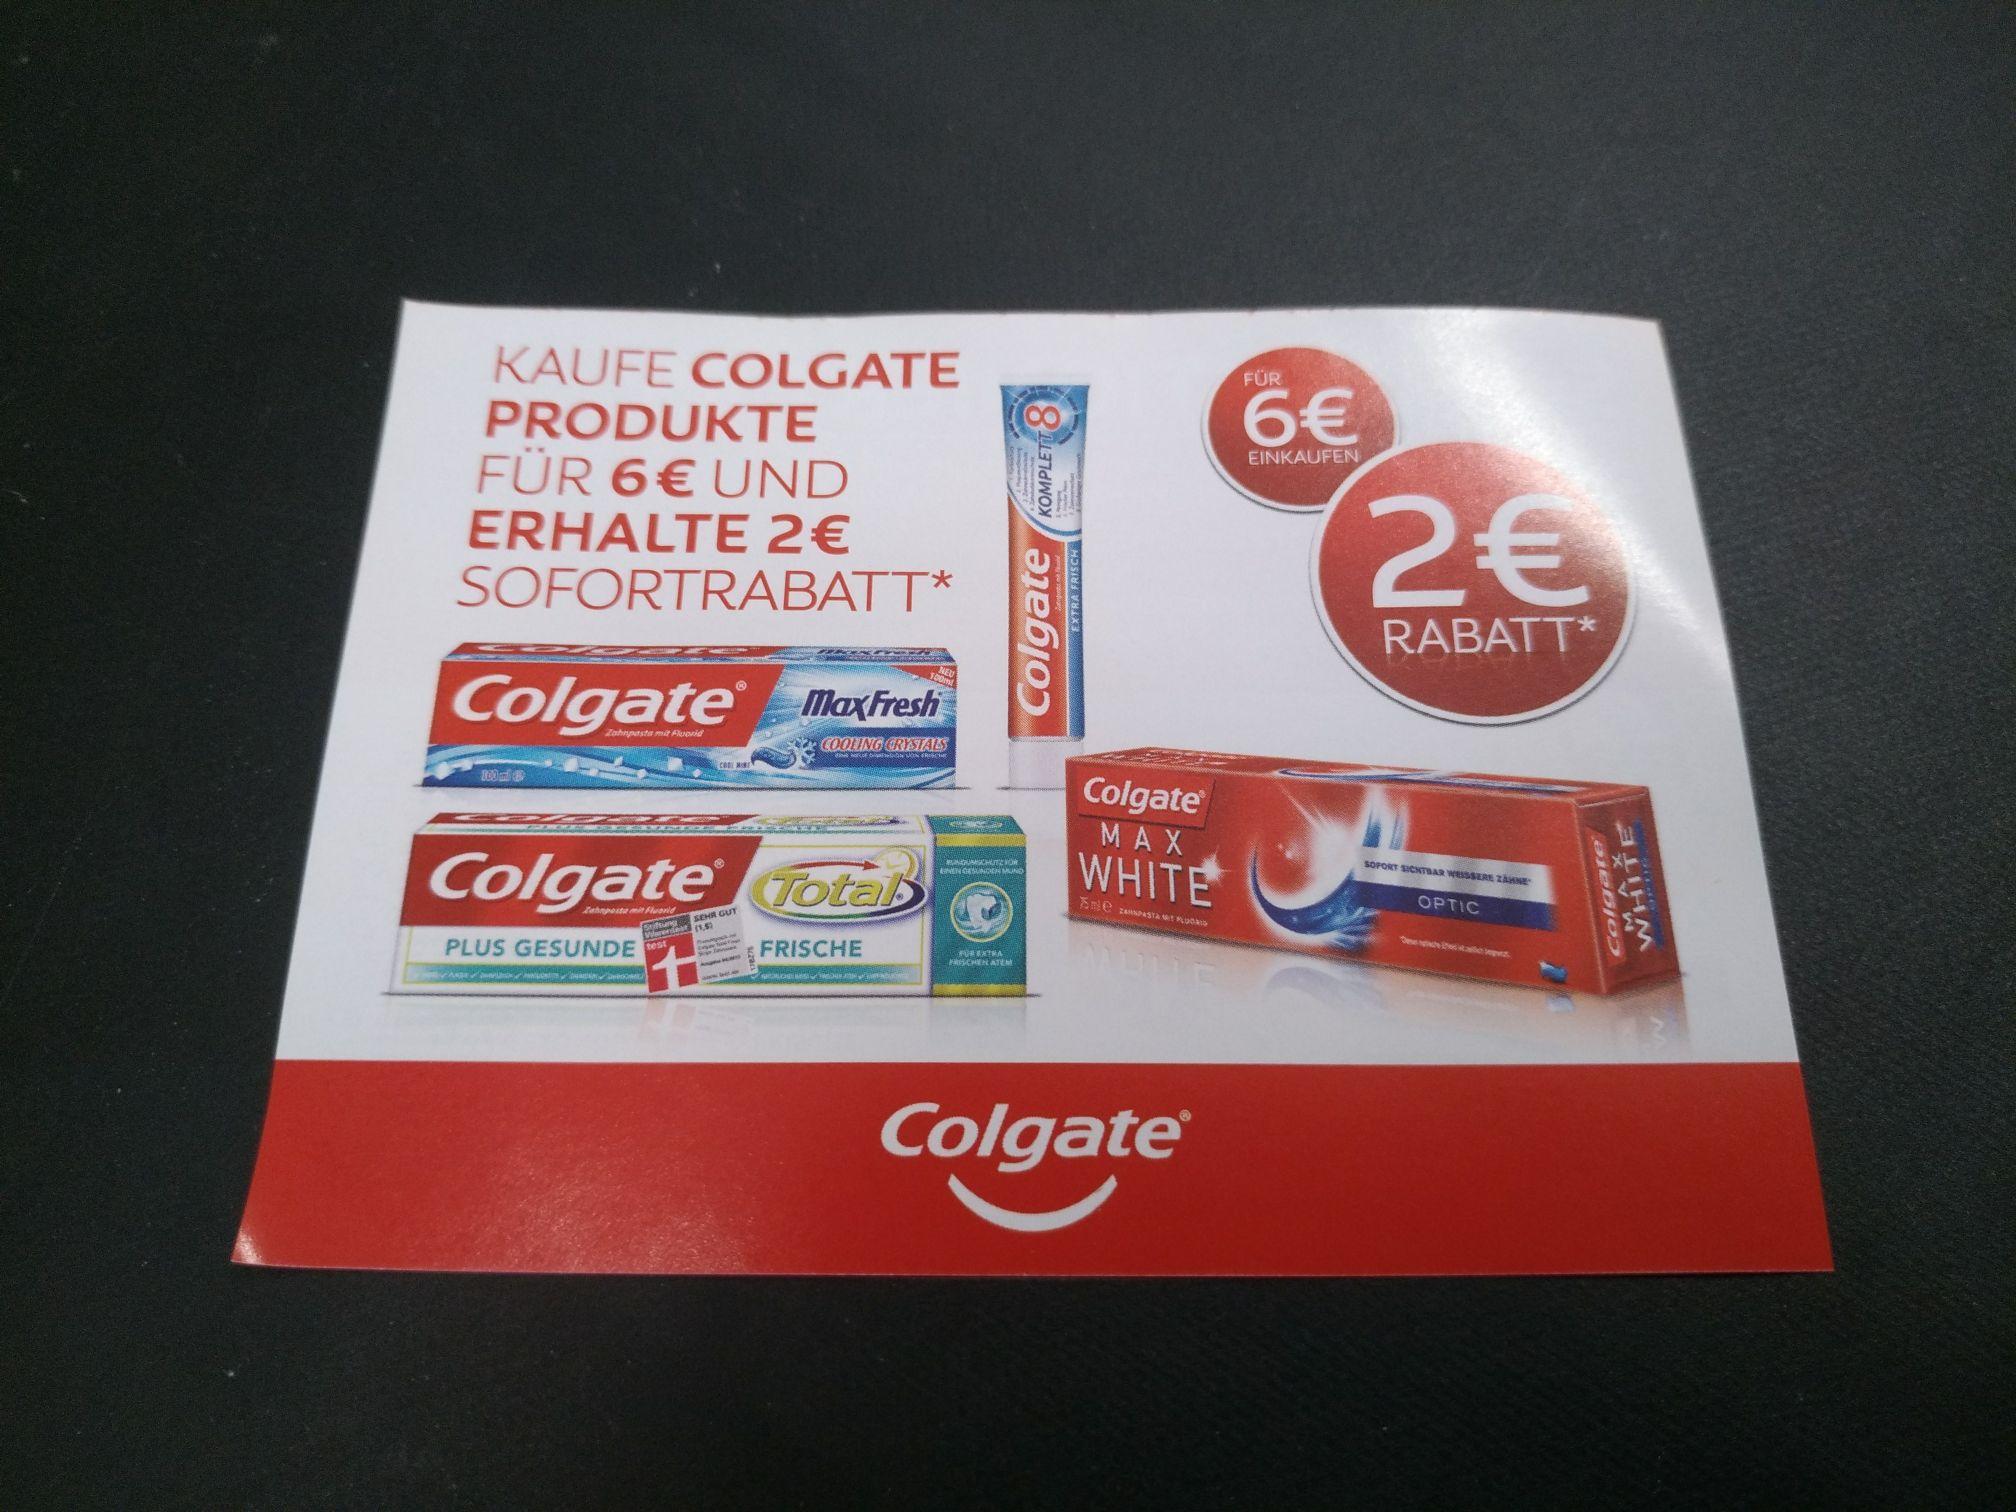 Lot de 8 Dentifrices Colgate Komplett (Sans emballage - via coupon de réduction de 2€ - Real Frontaliers Allemagne